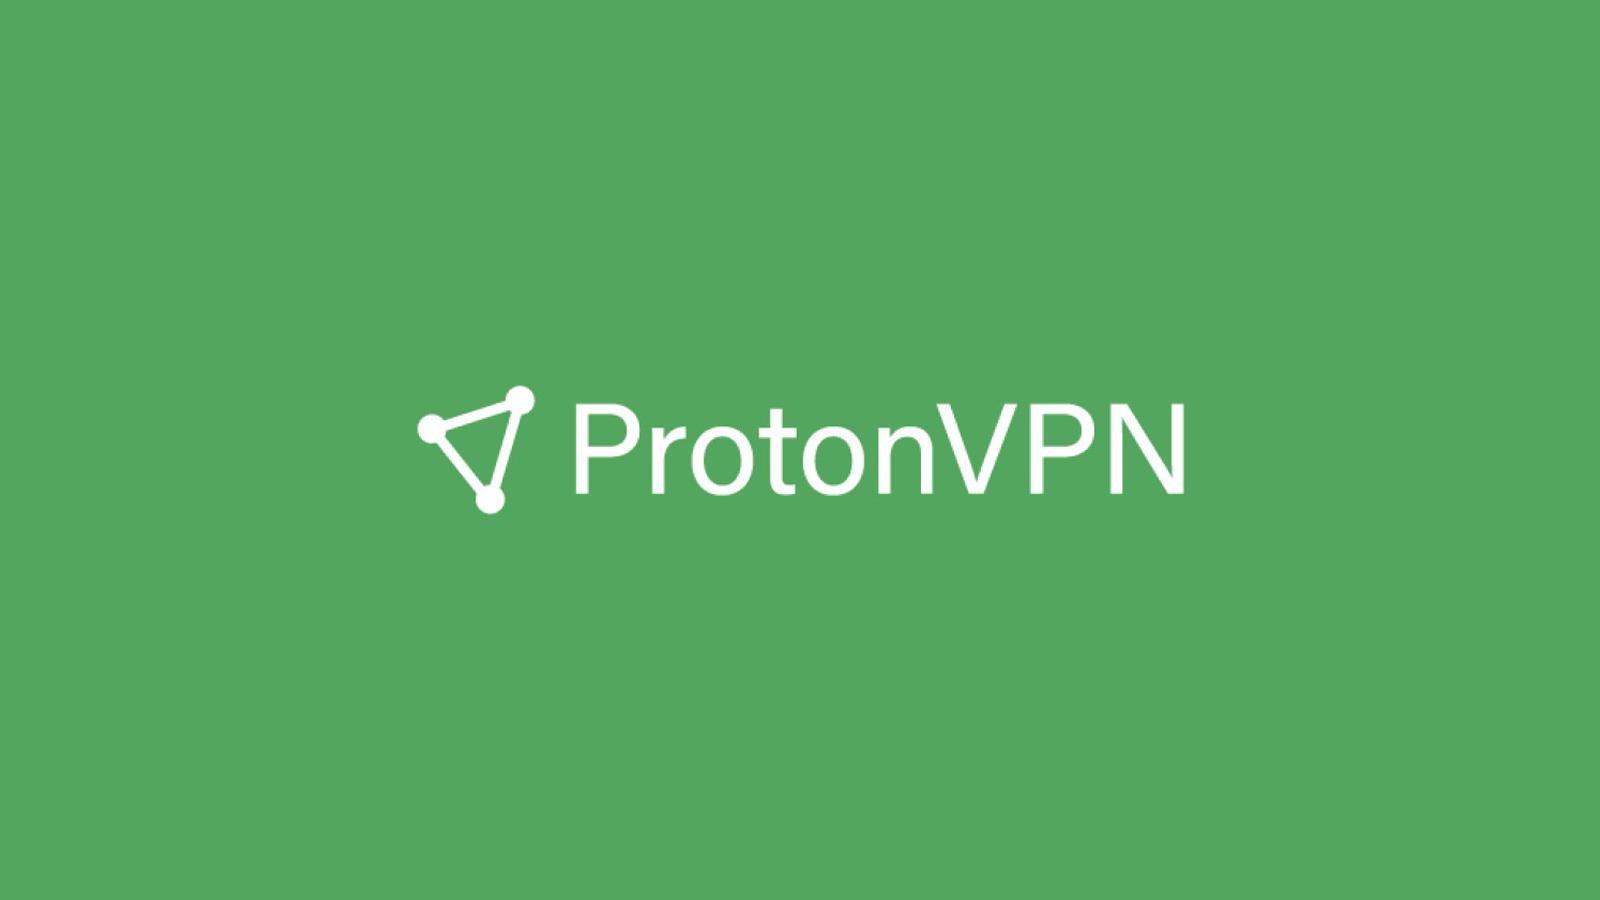 Proton VPN Free Download